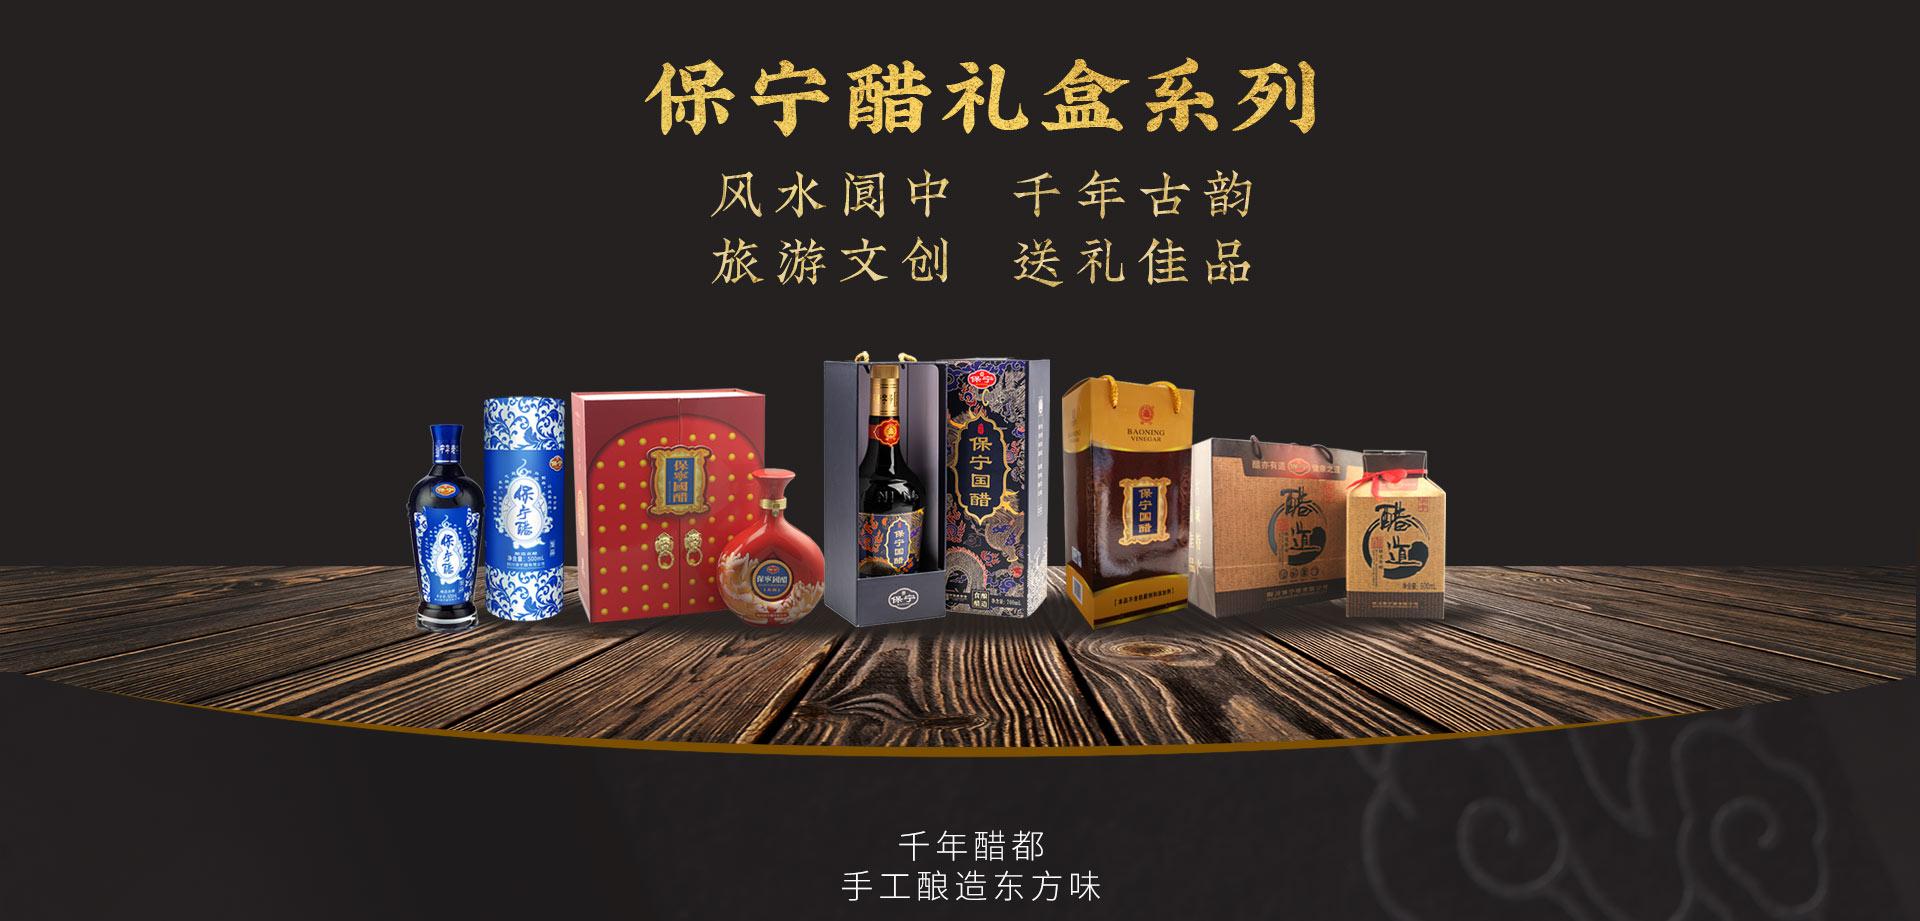 产品-礼盒_01.jpg